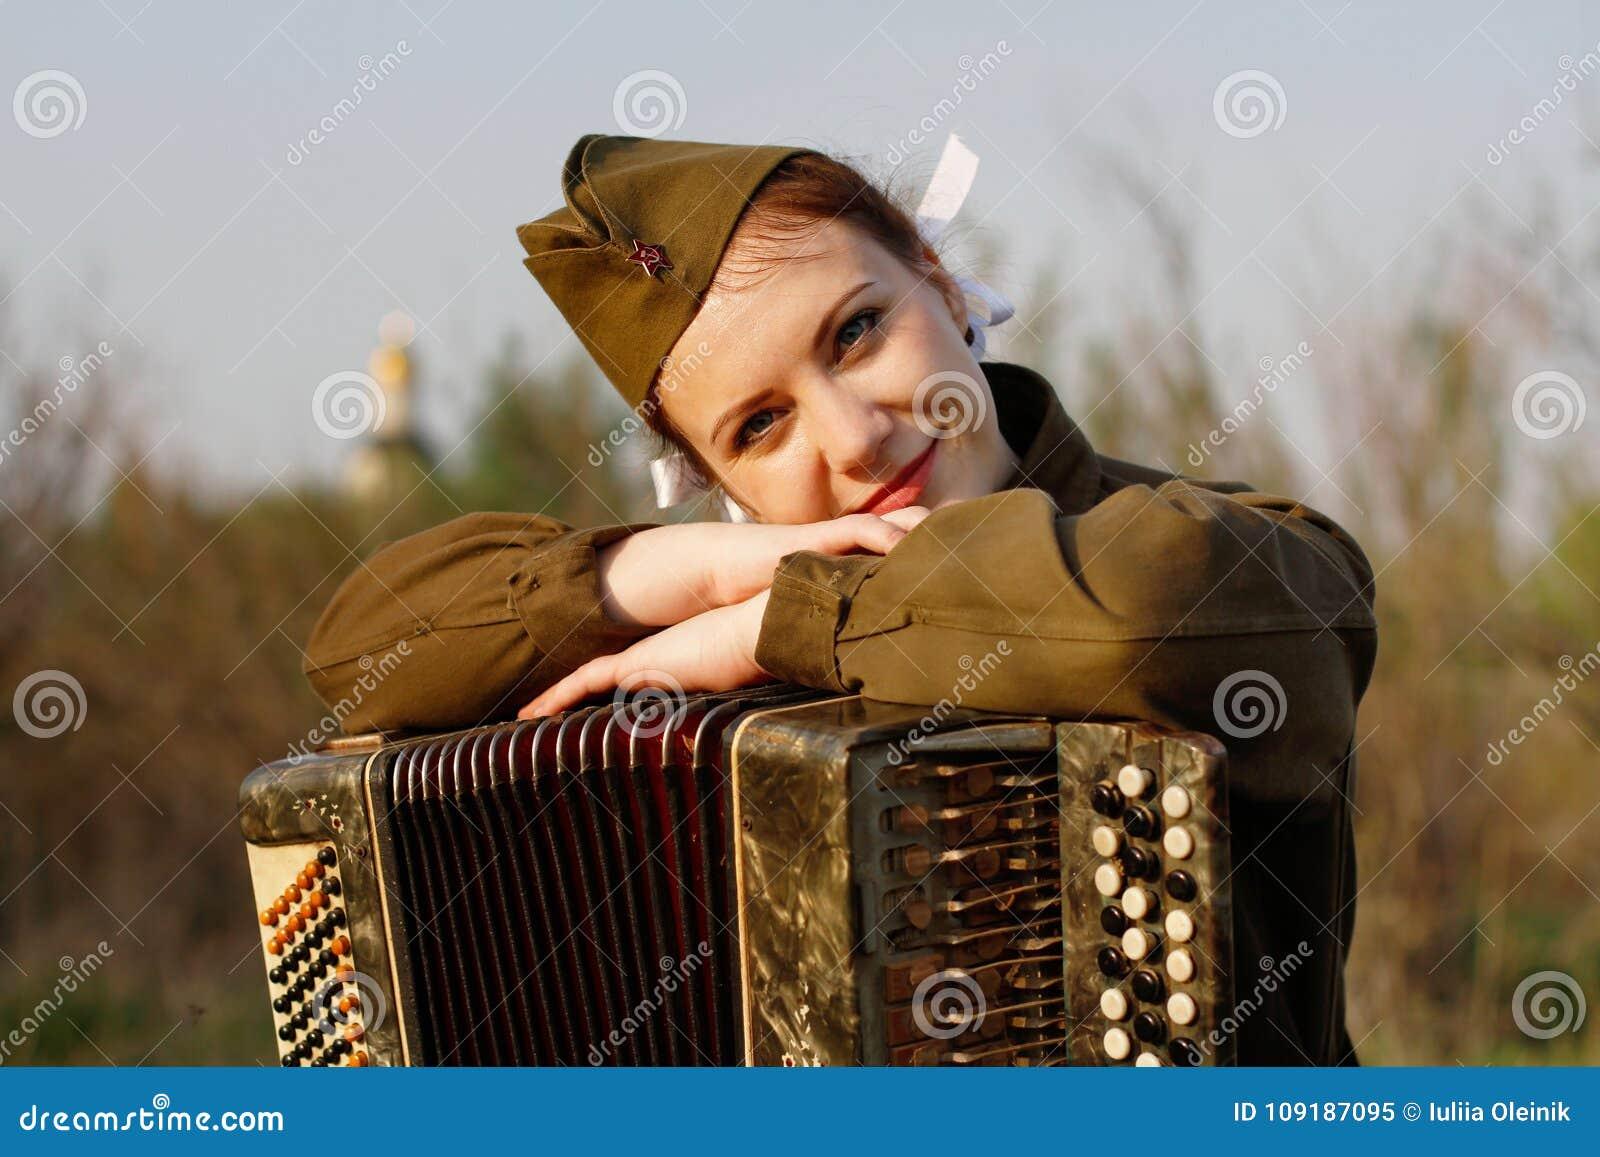 Sovjet vrouwelijke militair in eenvormig van Wereldoorlog II met een harmonika